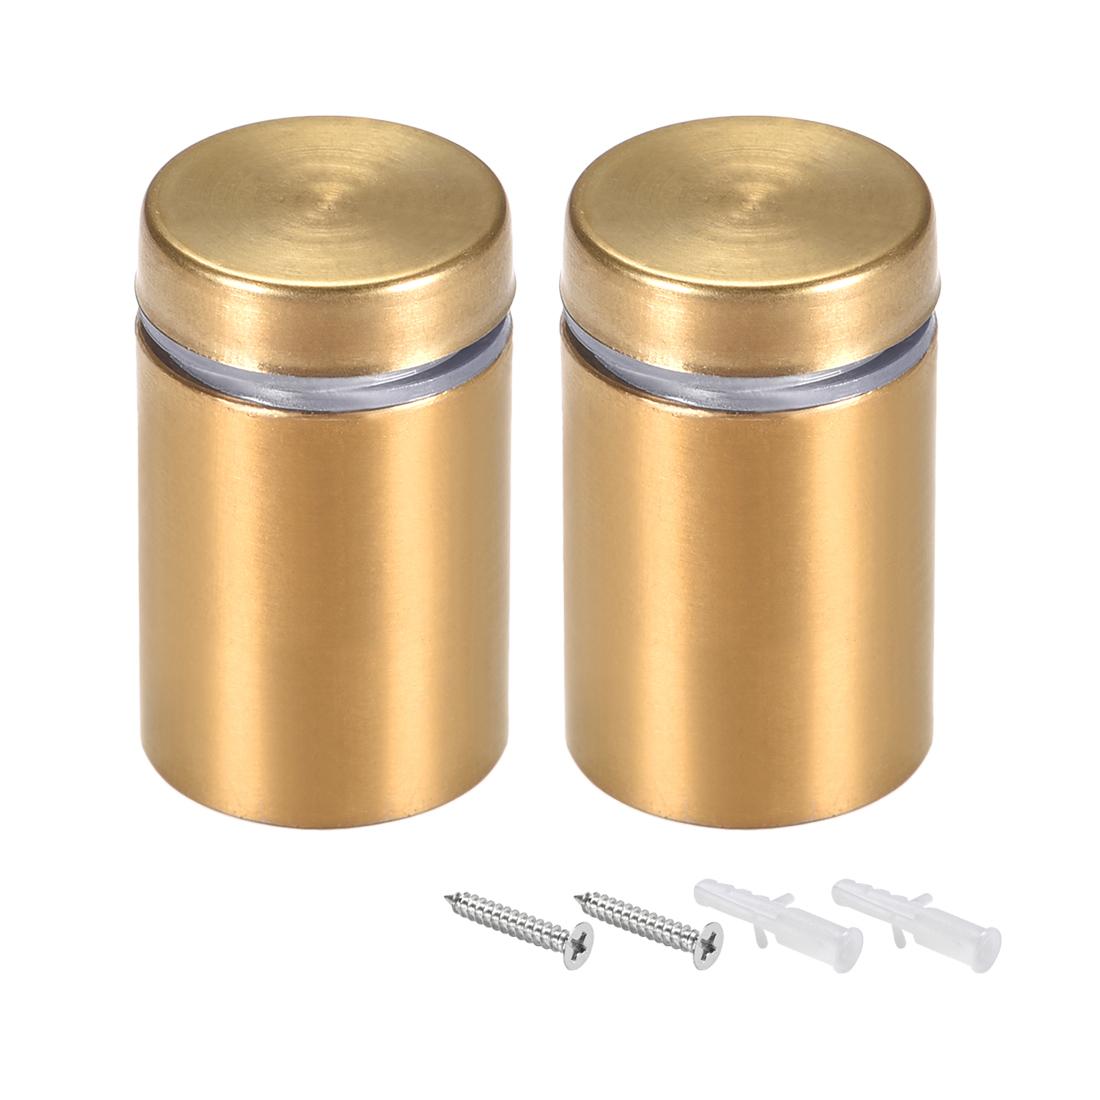 Glass Standoff Mount Wall Standoff Nails 19mm Dia 32mm Length Golden 2 Pcs